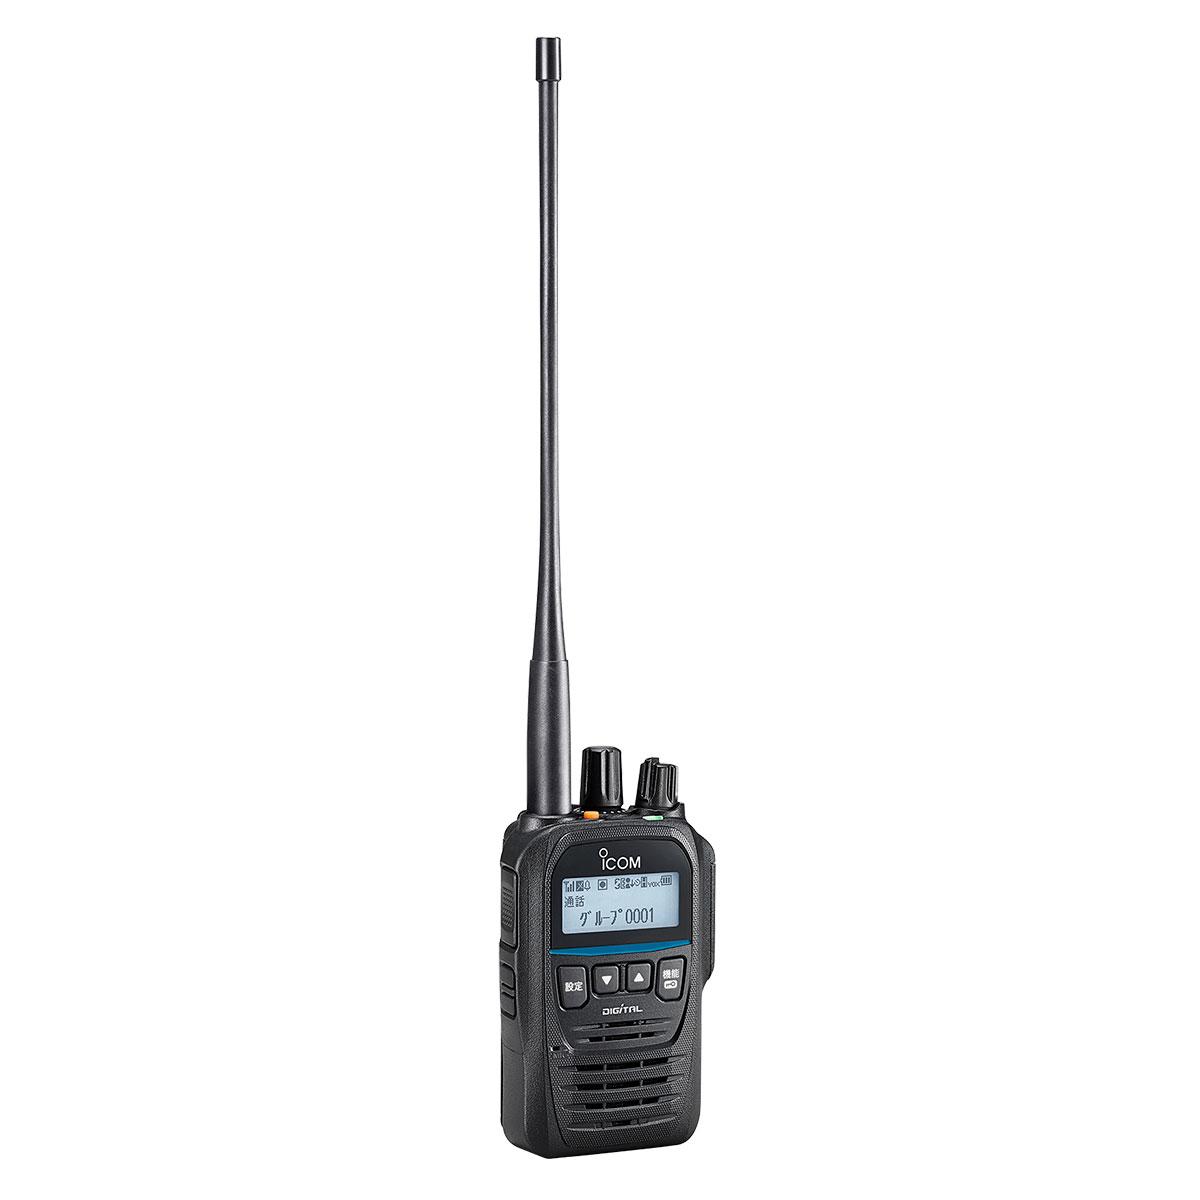 デジタル簡易無線(登録局) IC-D70BT